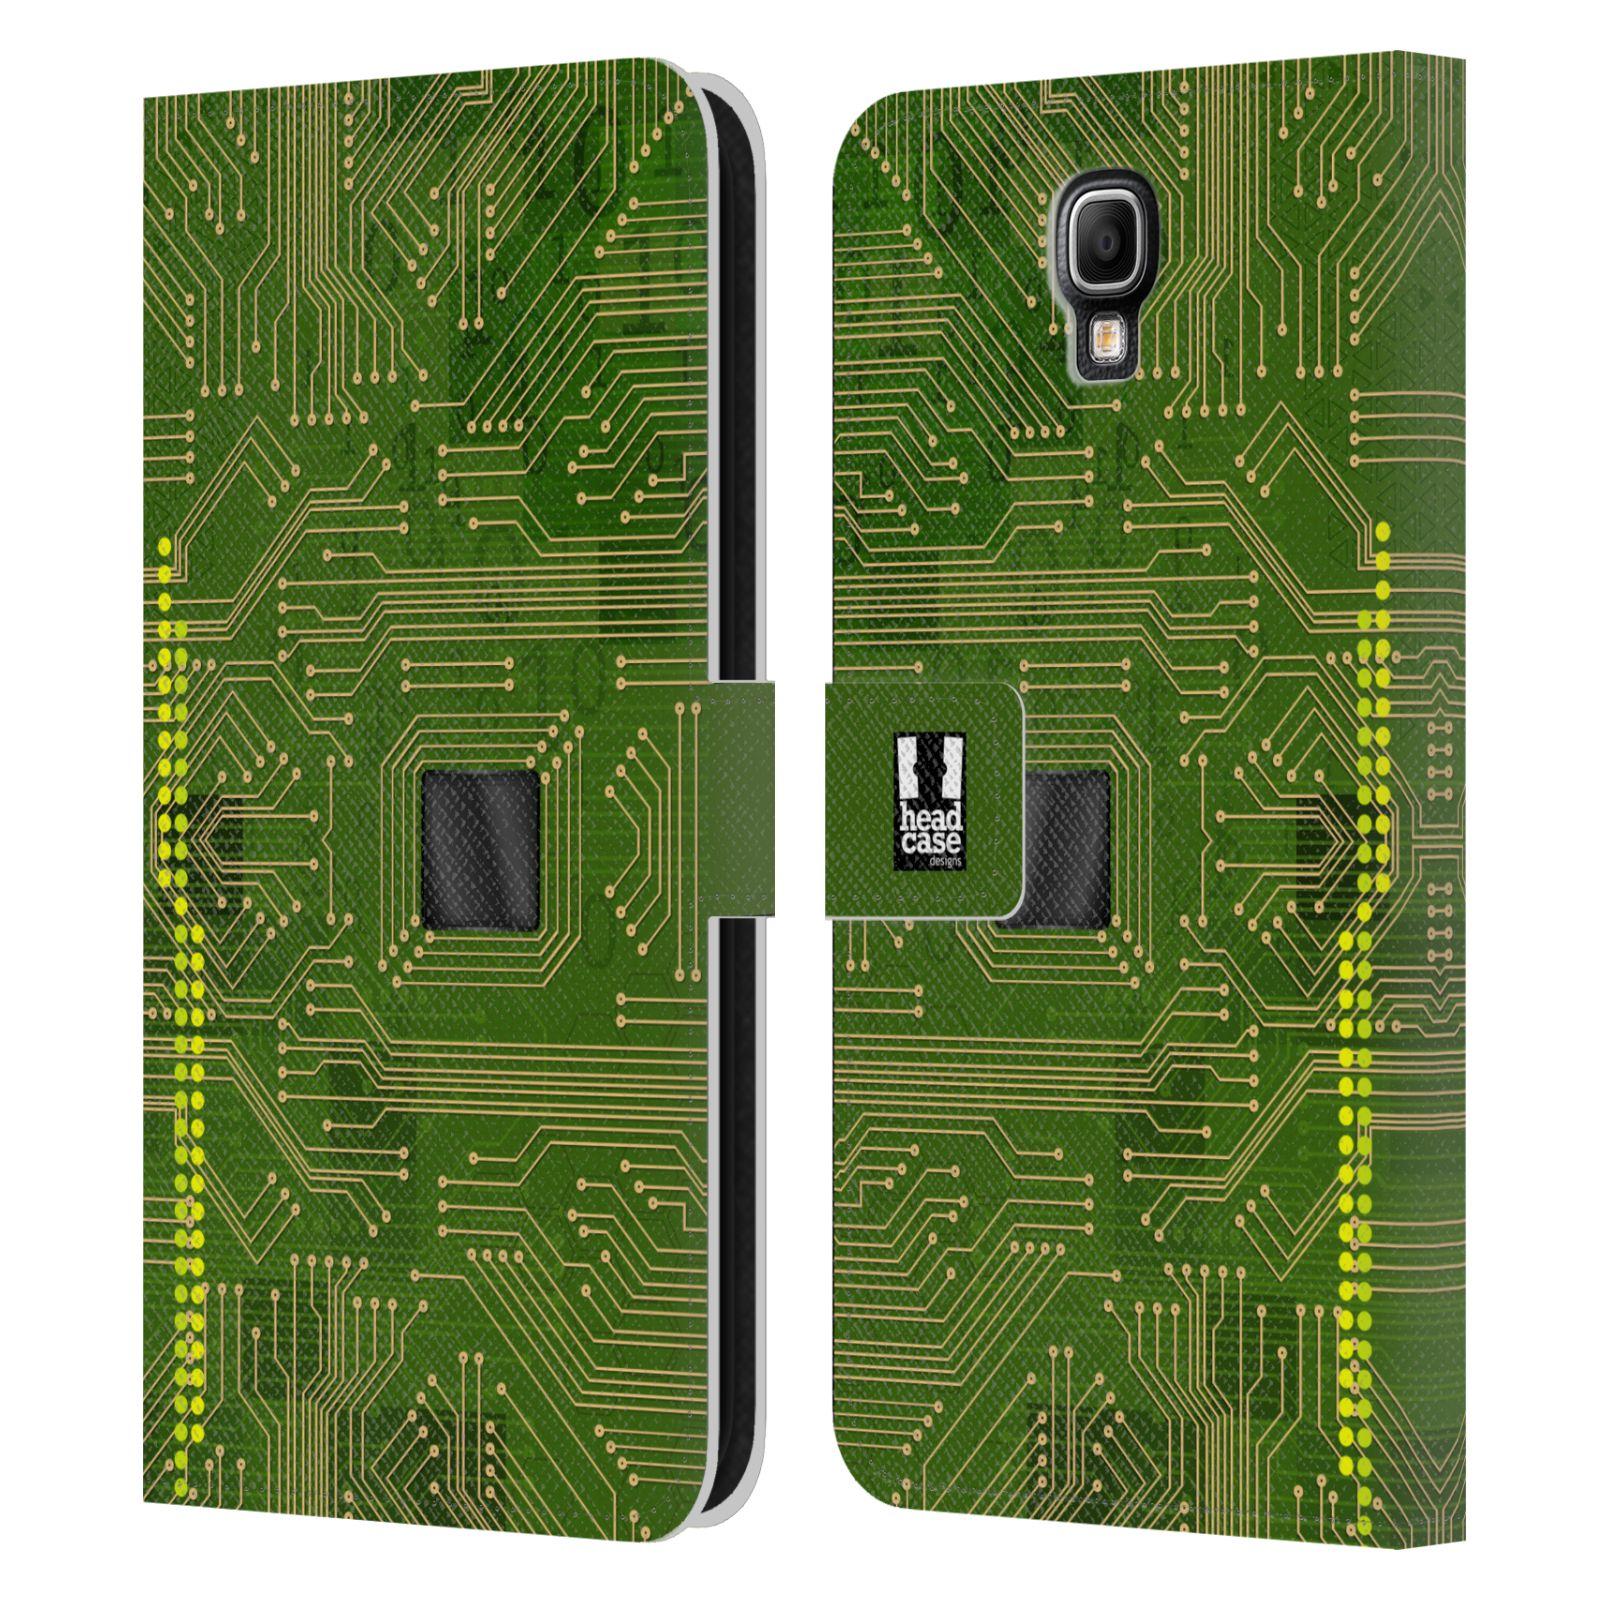 HEAD CASE Flipové pouzdro pro mobil Samsung Galaxy Note 3 NEO (N7505) počítač základní deska zelená barva